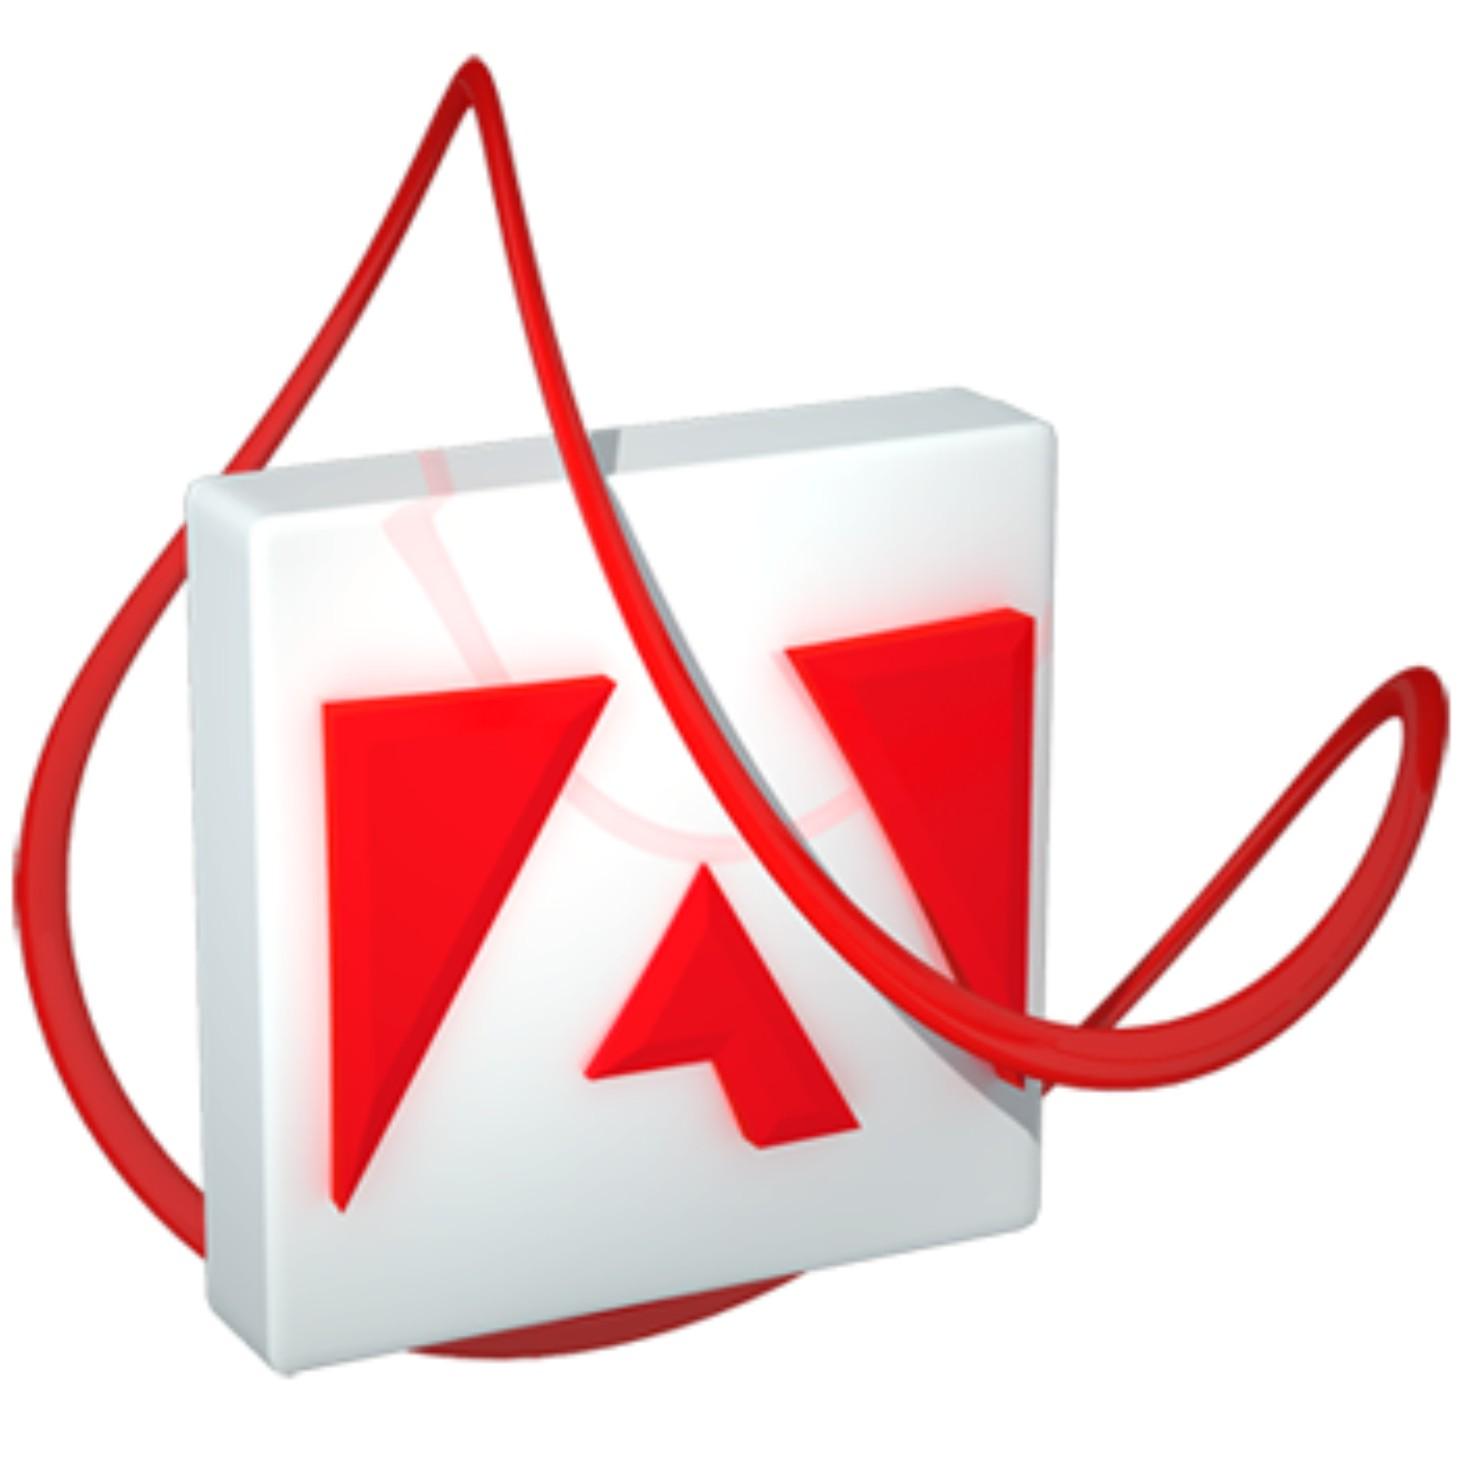 Скачать бесплатно Adobe Acrobat Reader 9.2 Rus без регистрации.